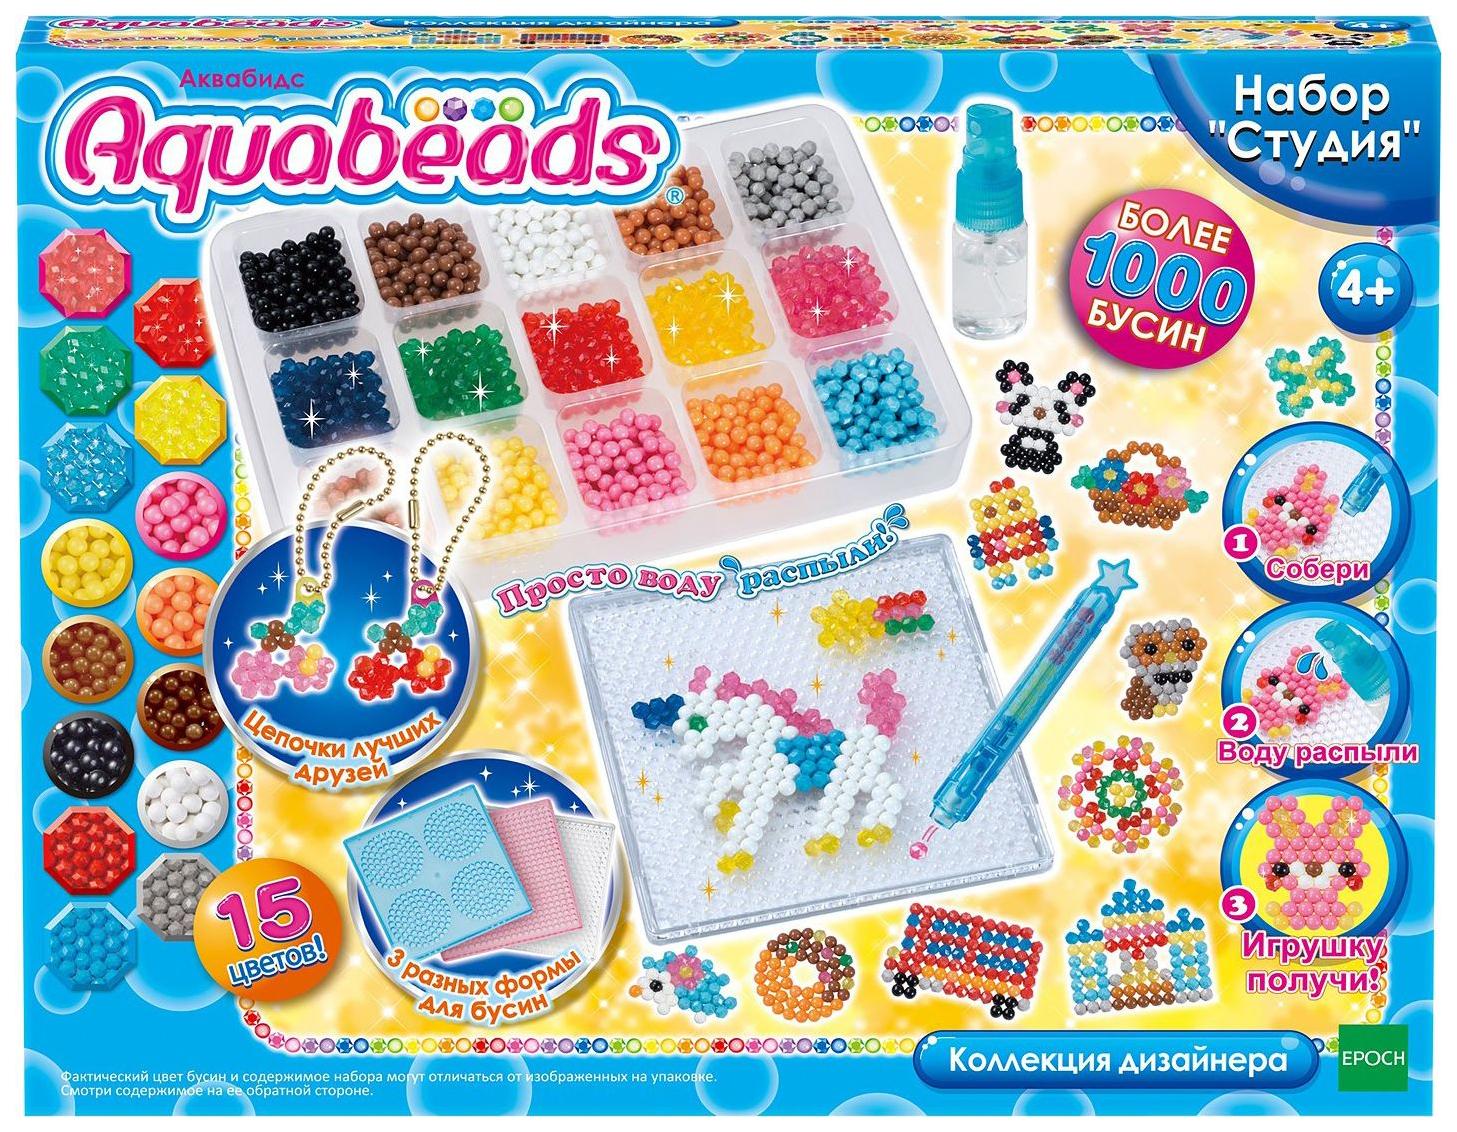 Купить Набор для создания украшений Aquabeads Коллекция дизайнера,